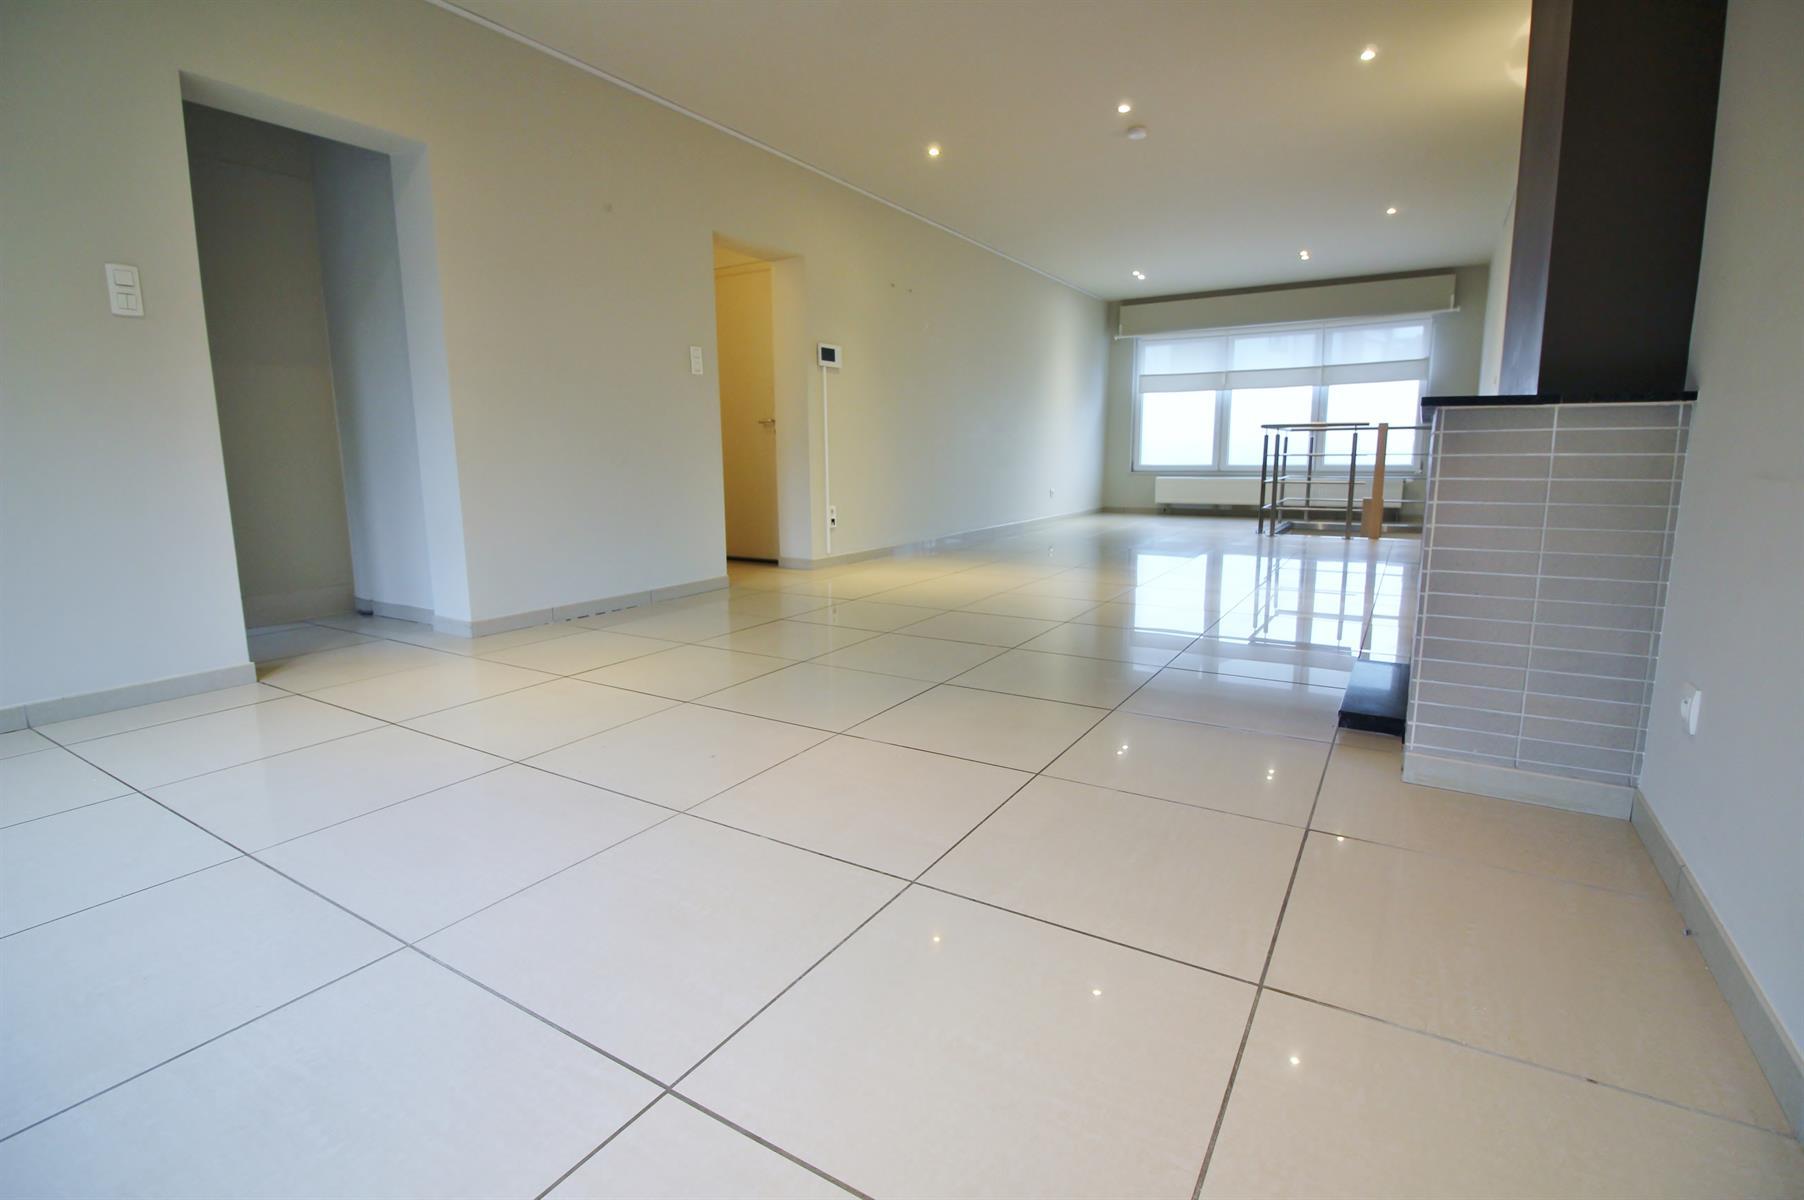 Appartement - Liege - #4244890-6